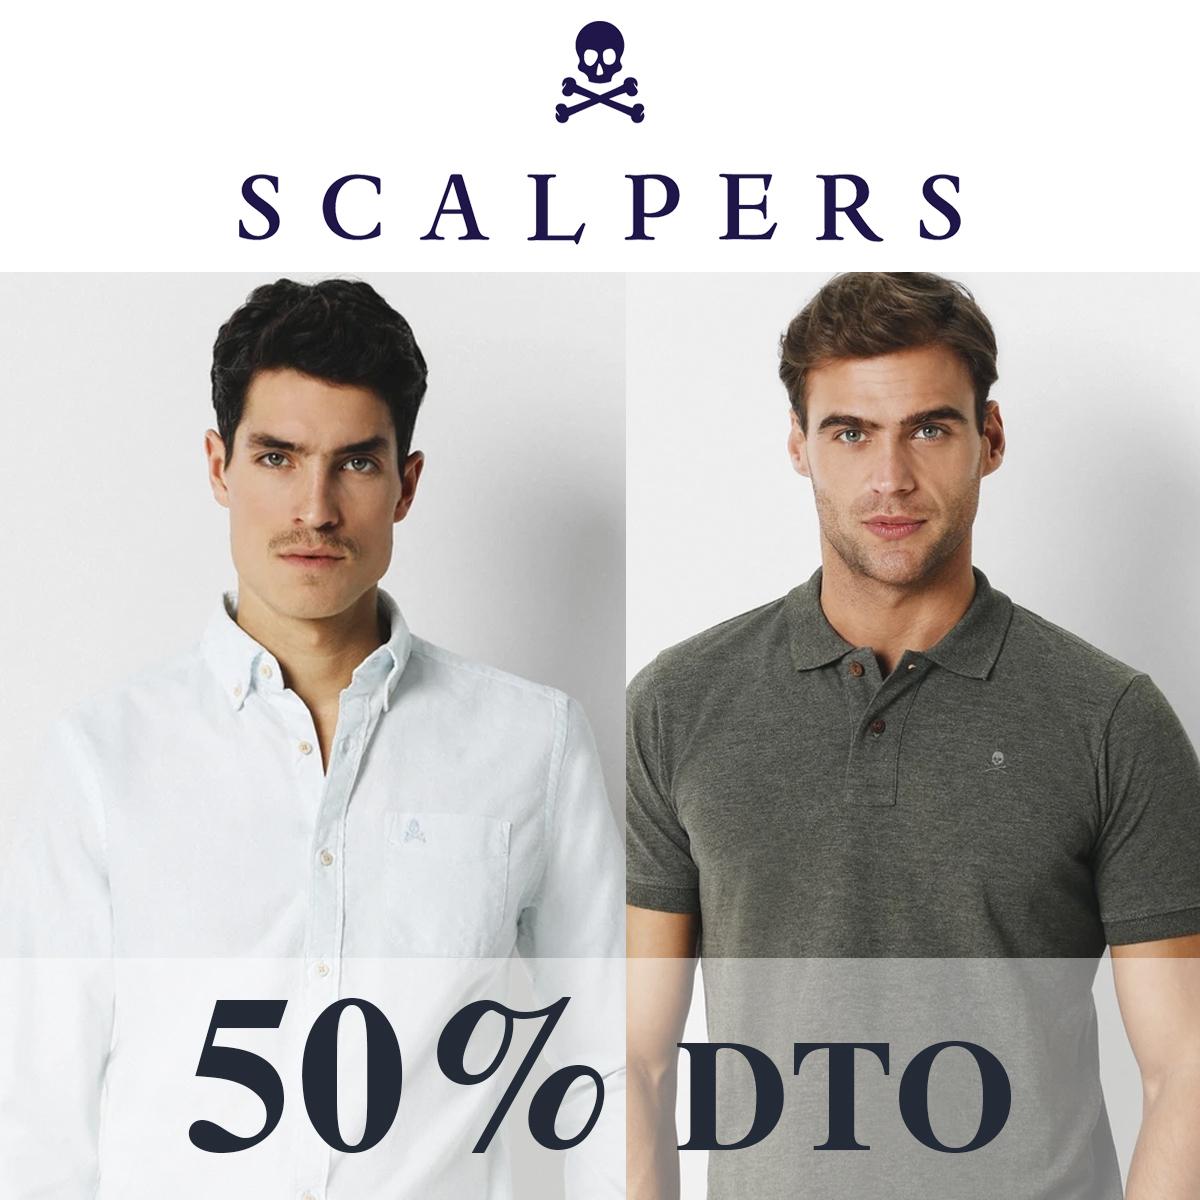 Camisas y Polos de Scalpers al 50% (Rebajas) (Recopilación)